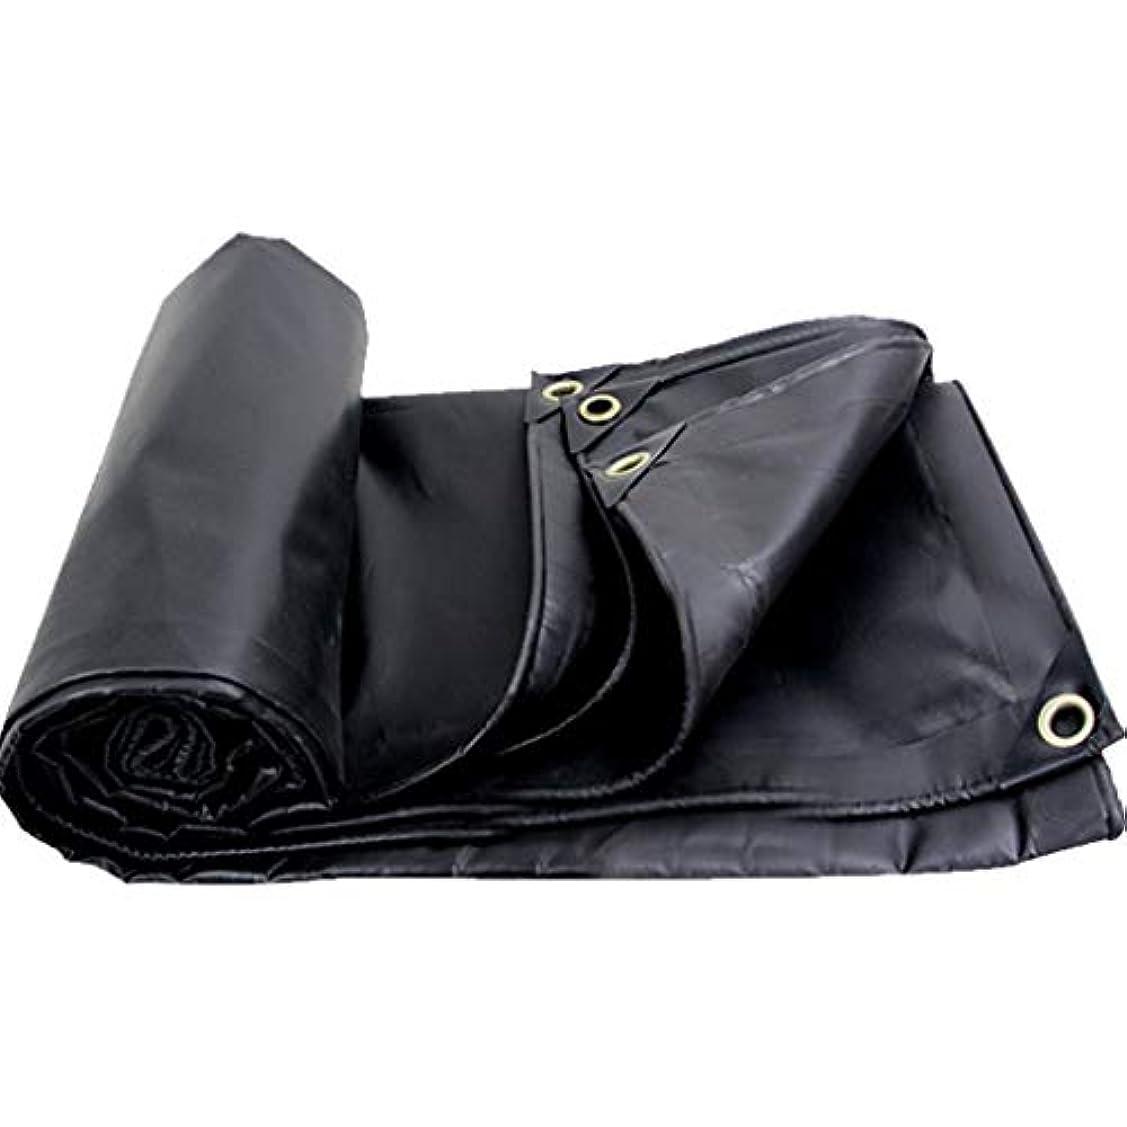 重なる振動させる混合したサンシェード ブラックターポリンブラックアウトレインキャンバス防水日焼け止め布起毛布汚れにくい Rollsnownow (サイズ さいず : 3*4m)